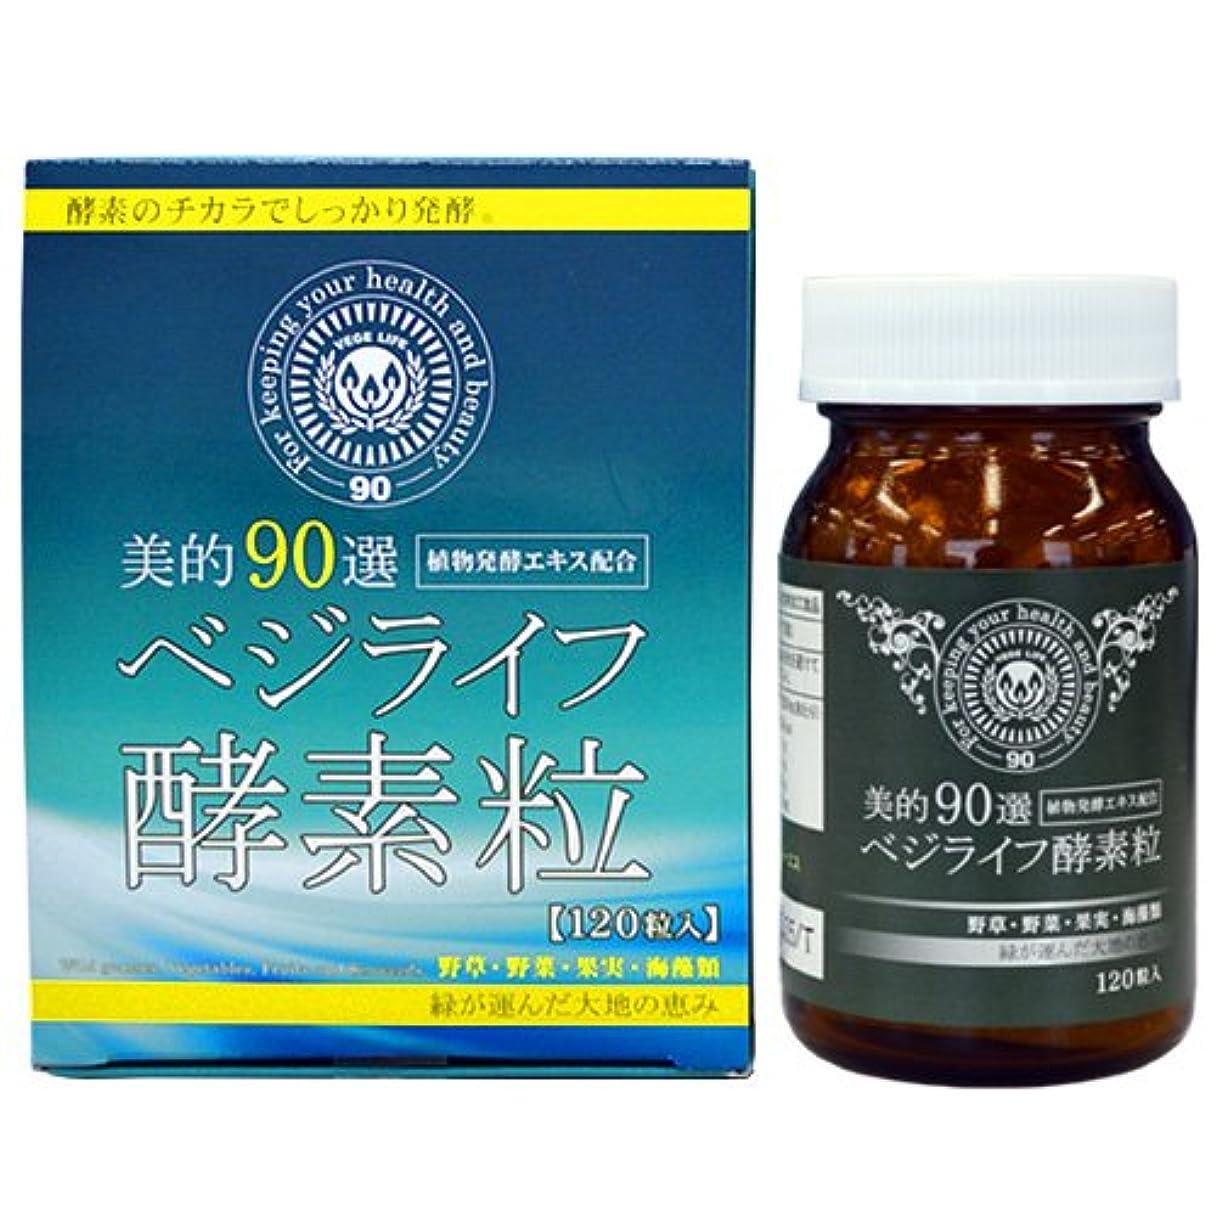 キャッチジョージバーナード無能植物発酵エキス配合 美的90選ベジライフ酵素粒(120粒入り)